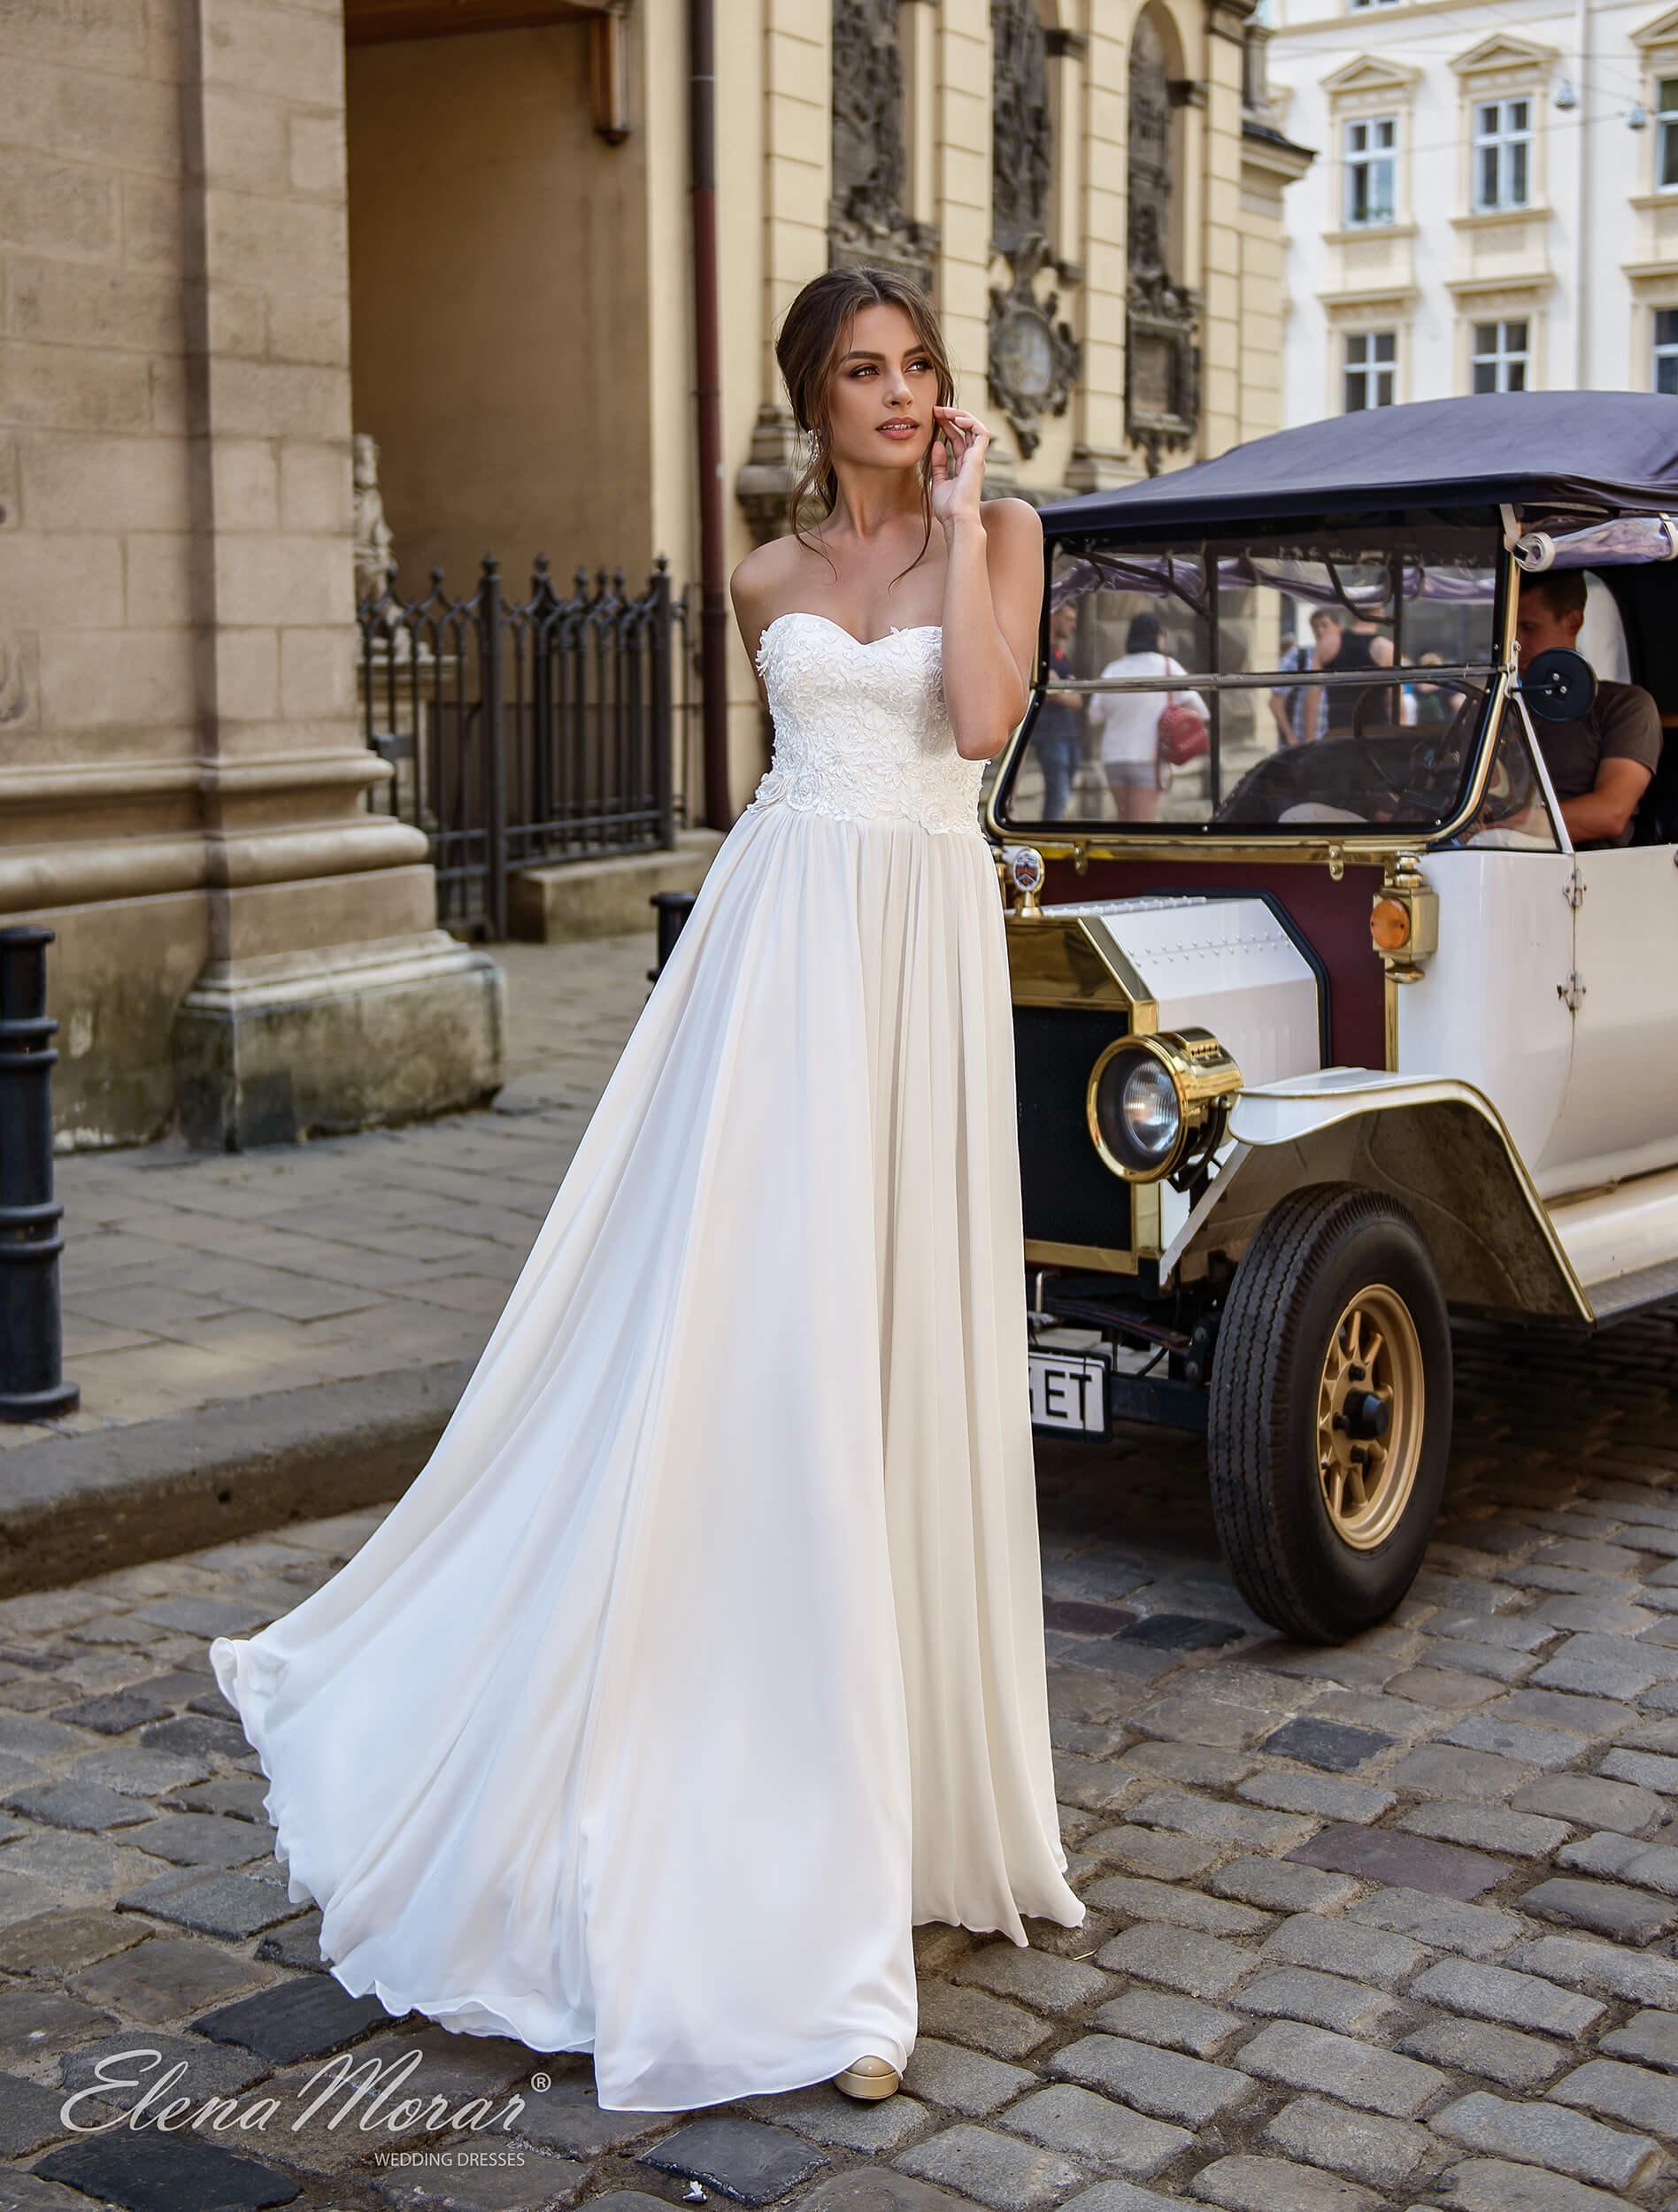 свадебные платья длинные прямые (1) | Vero